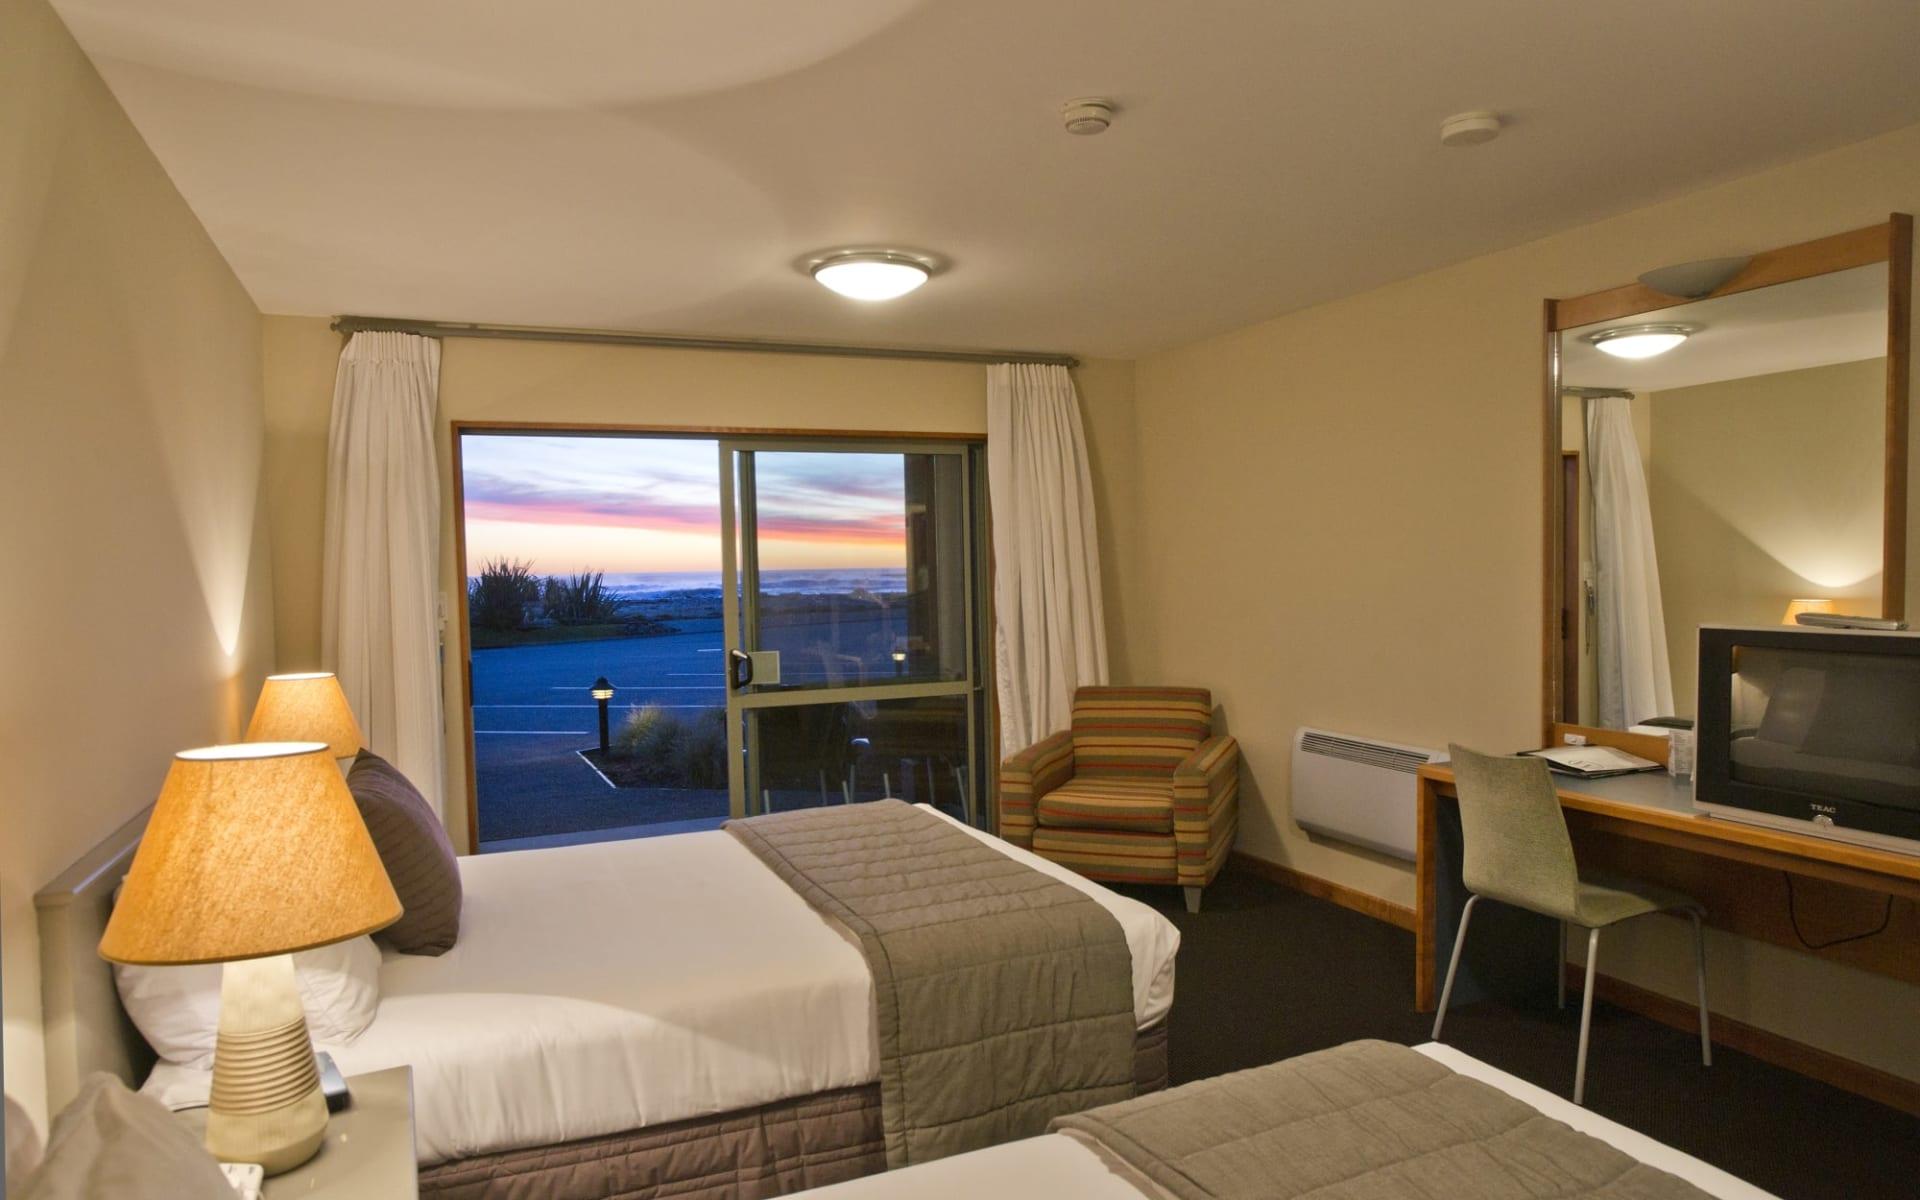 Punakaiki Resort:  Punakaiki Resort - Hotel Room